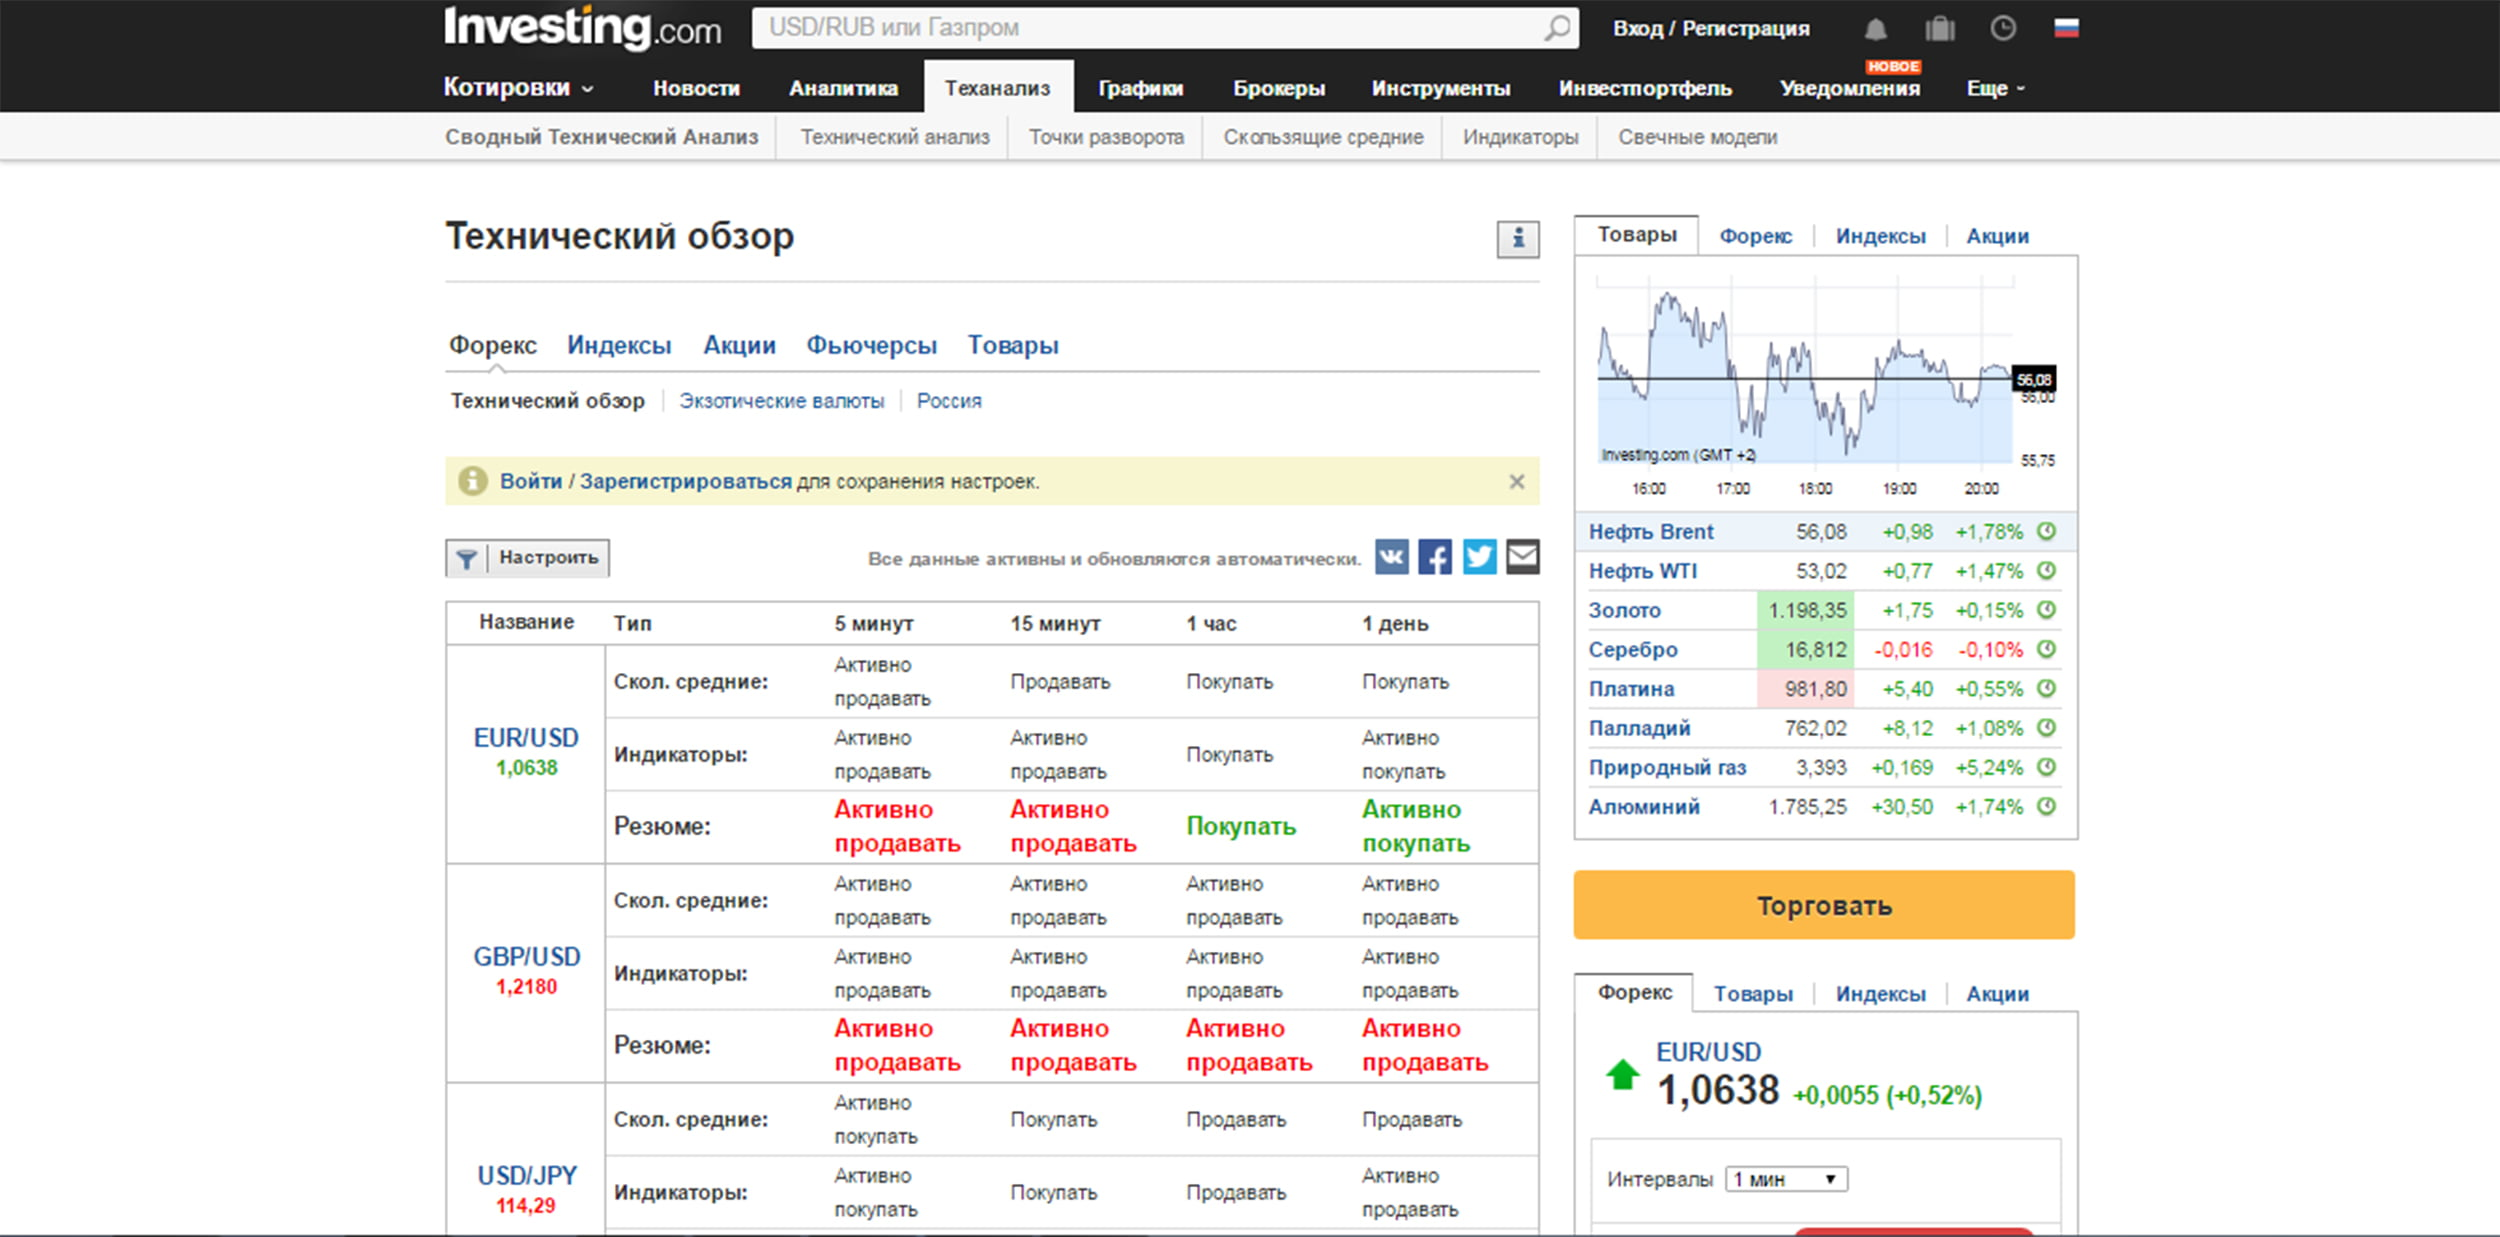 Техническое резюме от Investing.com